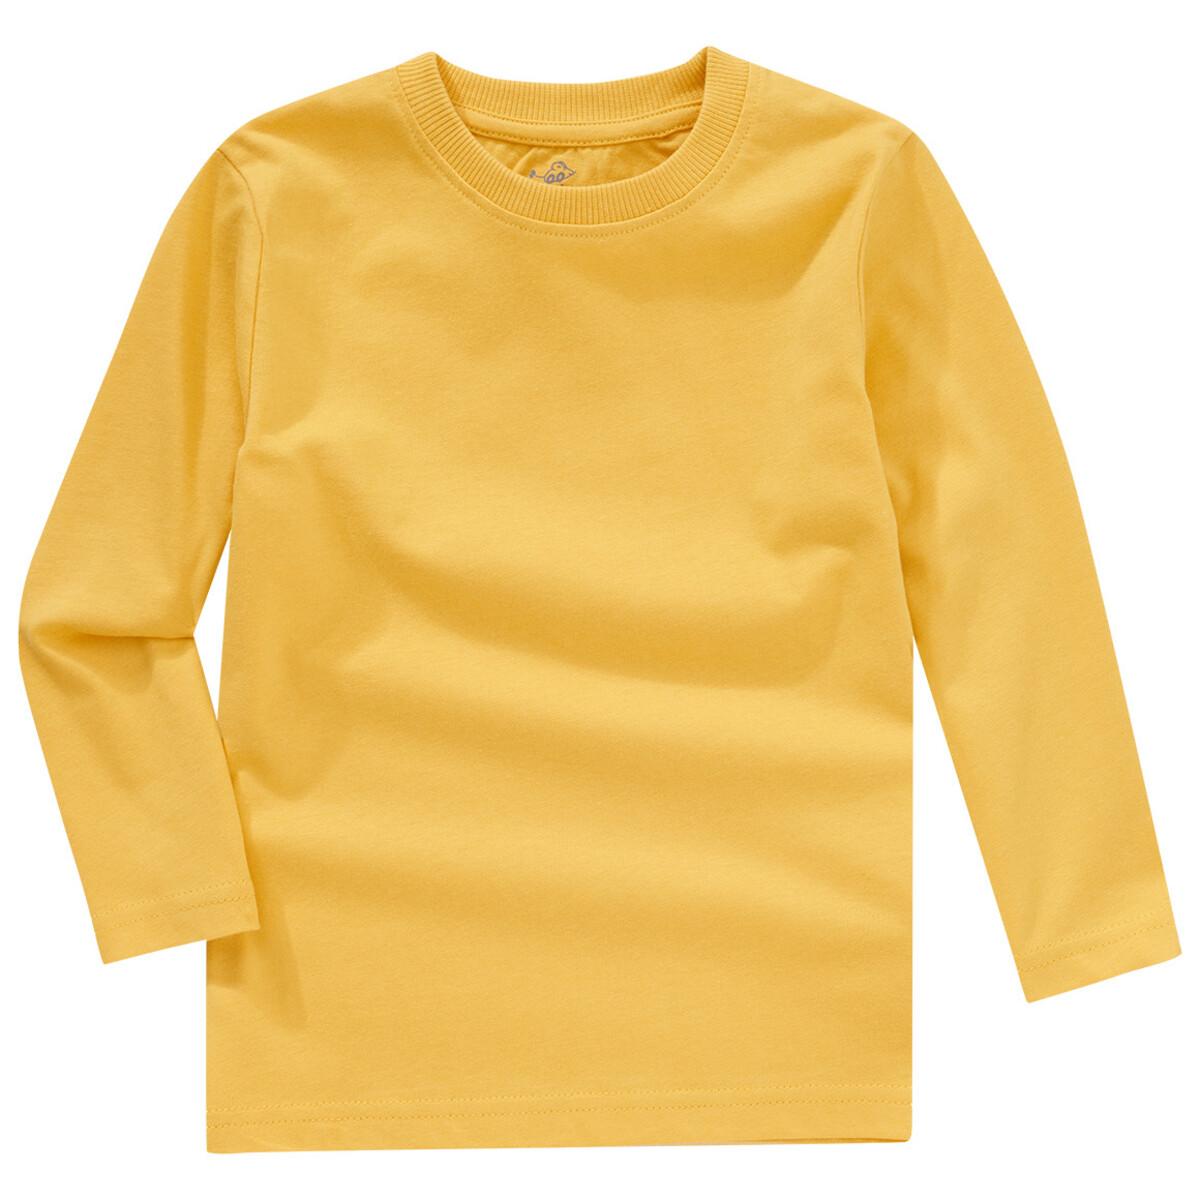 Bild 1 von Jungen Langarmshirt im Basic-Look